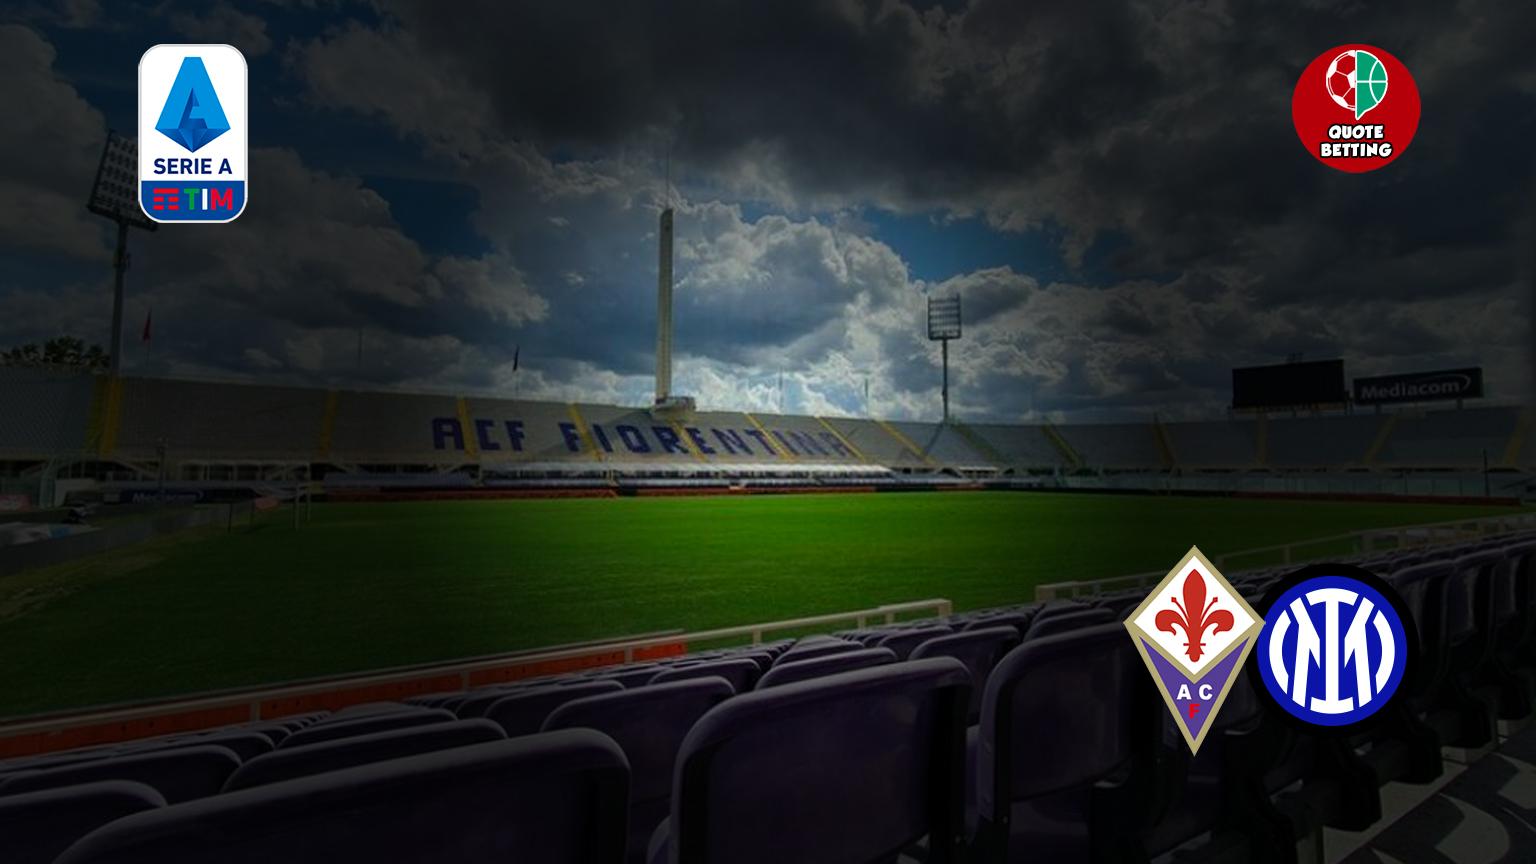 fiorentina odds inter tempat untuk melihat di tv prediksi line-up odds seri a taruhan sepak bola italia artemio franchi stadion fiorentina-inter internasional